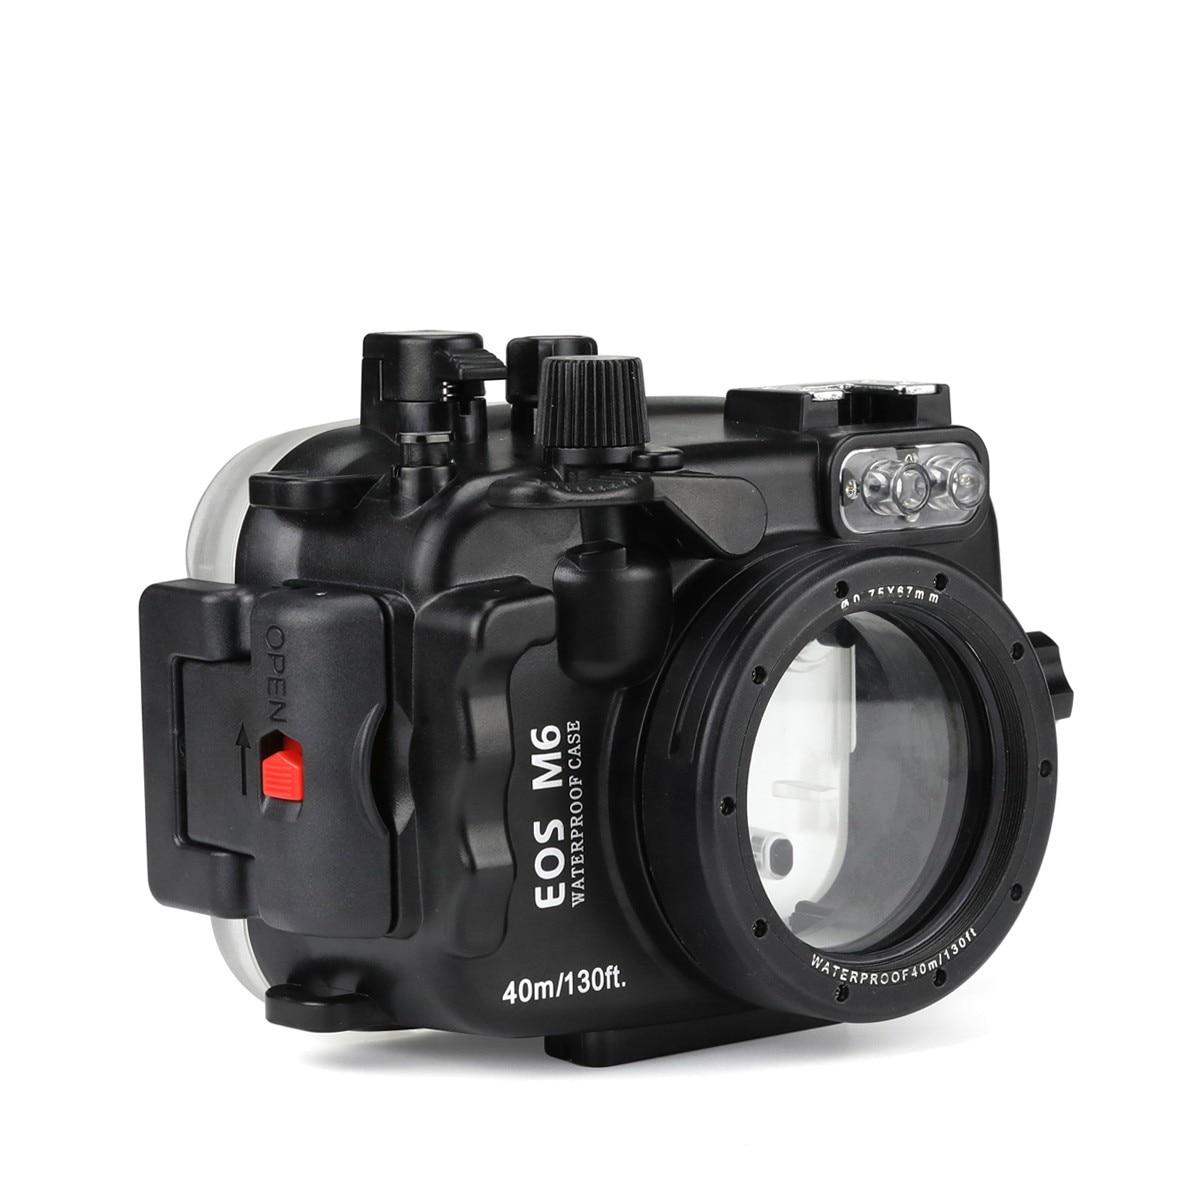 Boîtier de boîtier de caméra sous-marine 40 m/130ft pour Canon EOS M6 22mm sac pour appareil photo dslr